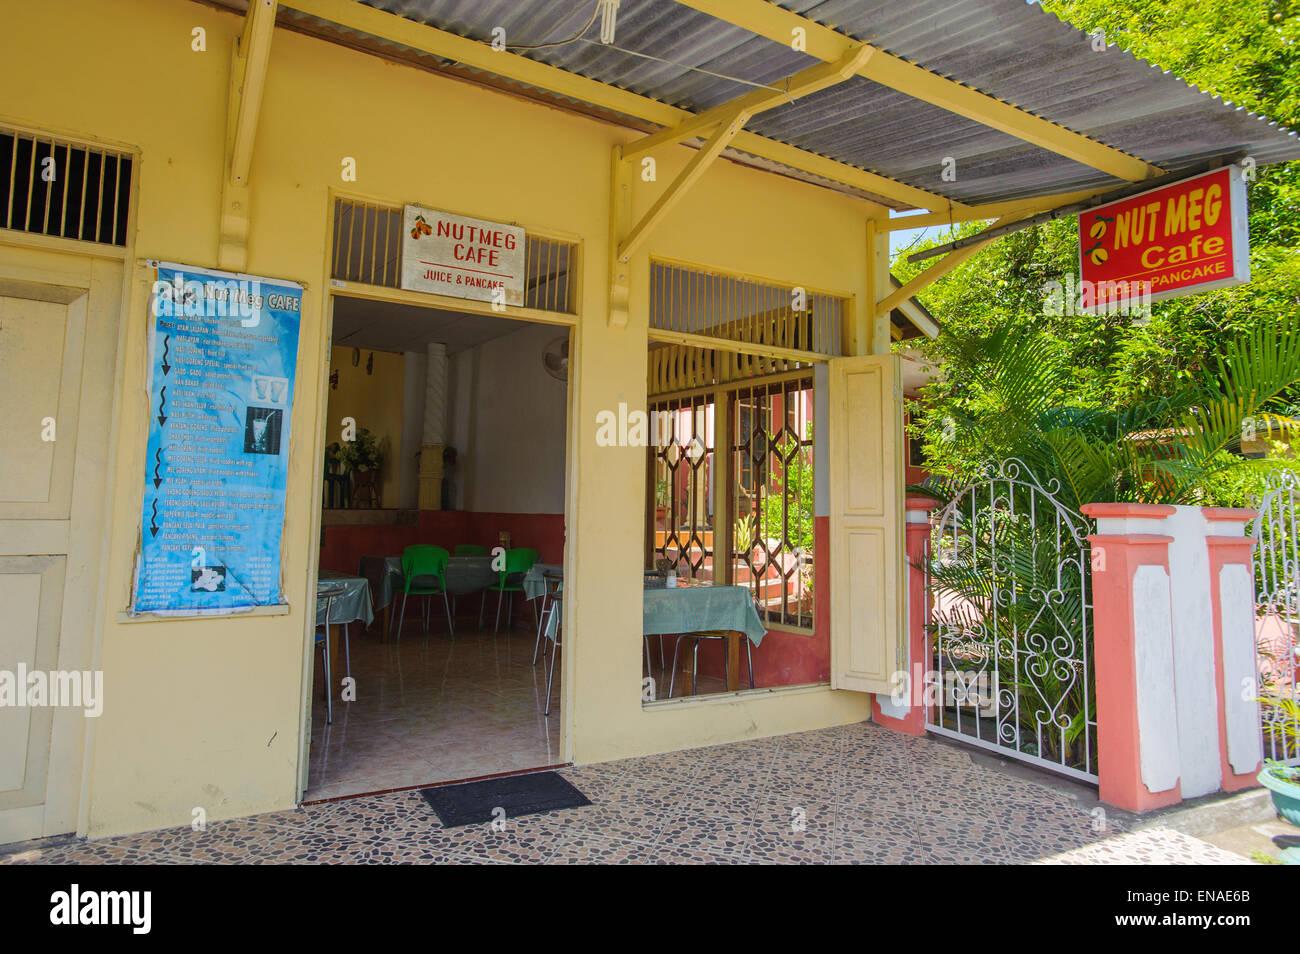 The Nutmeg Cafe in Banda Neira island. - Stock Image